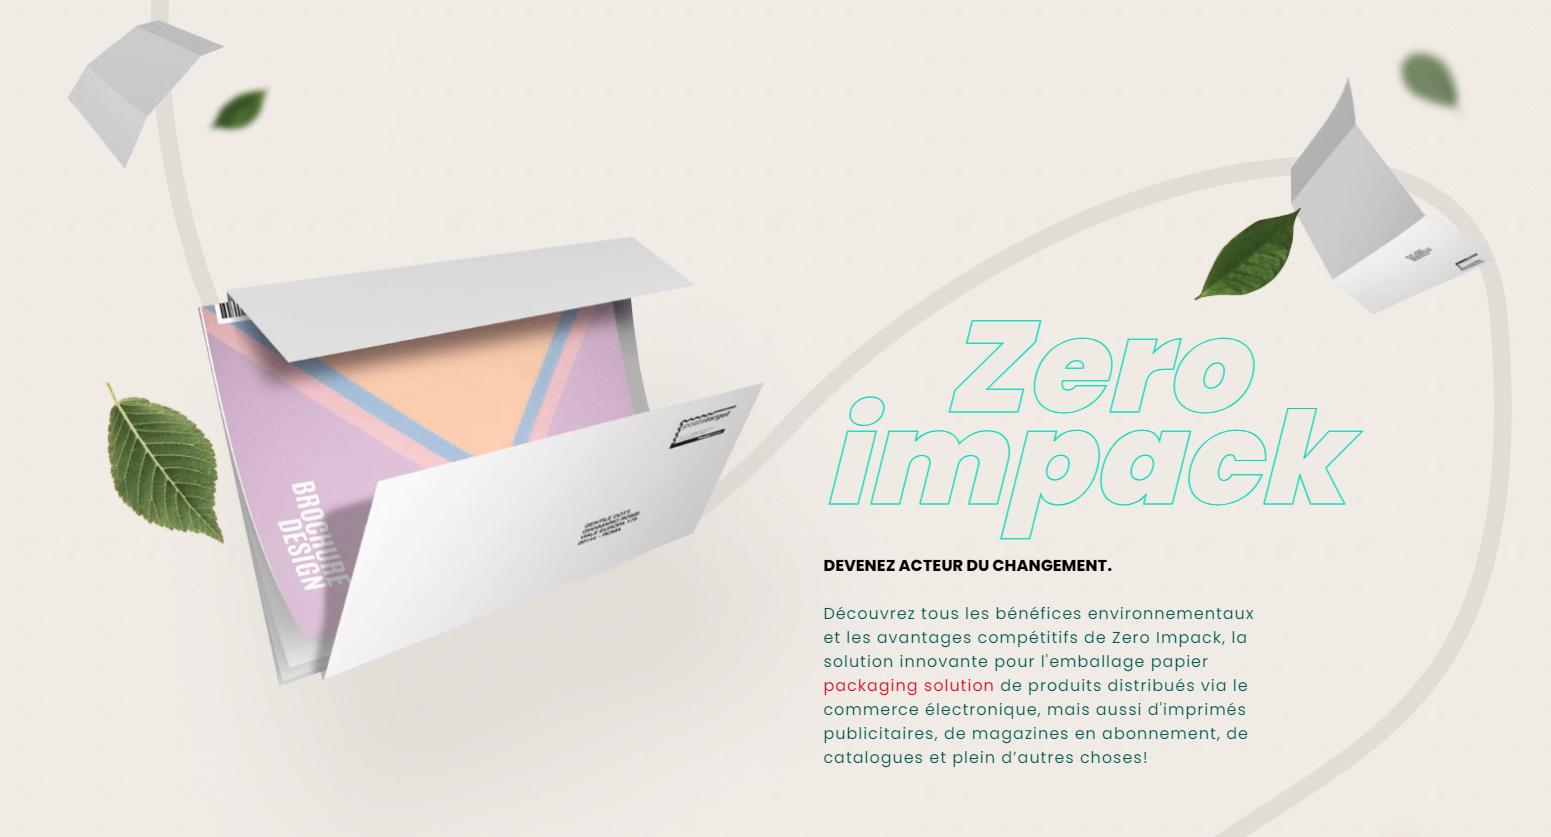 Nouvelles formes et matières pour un emballage e-commerce toujours plus durable - Photo 6